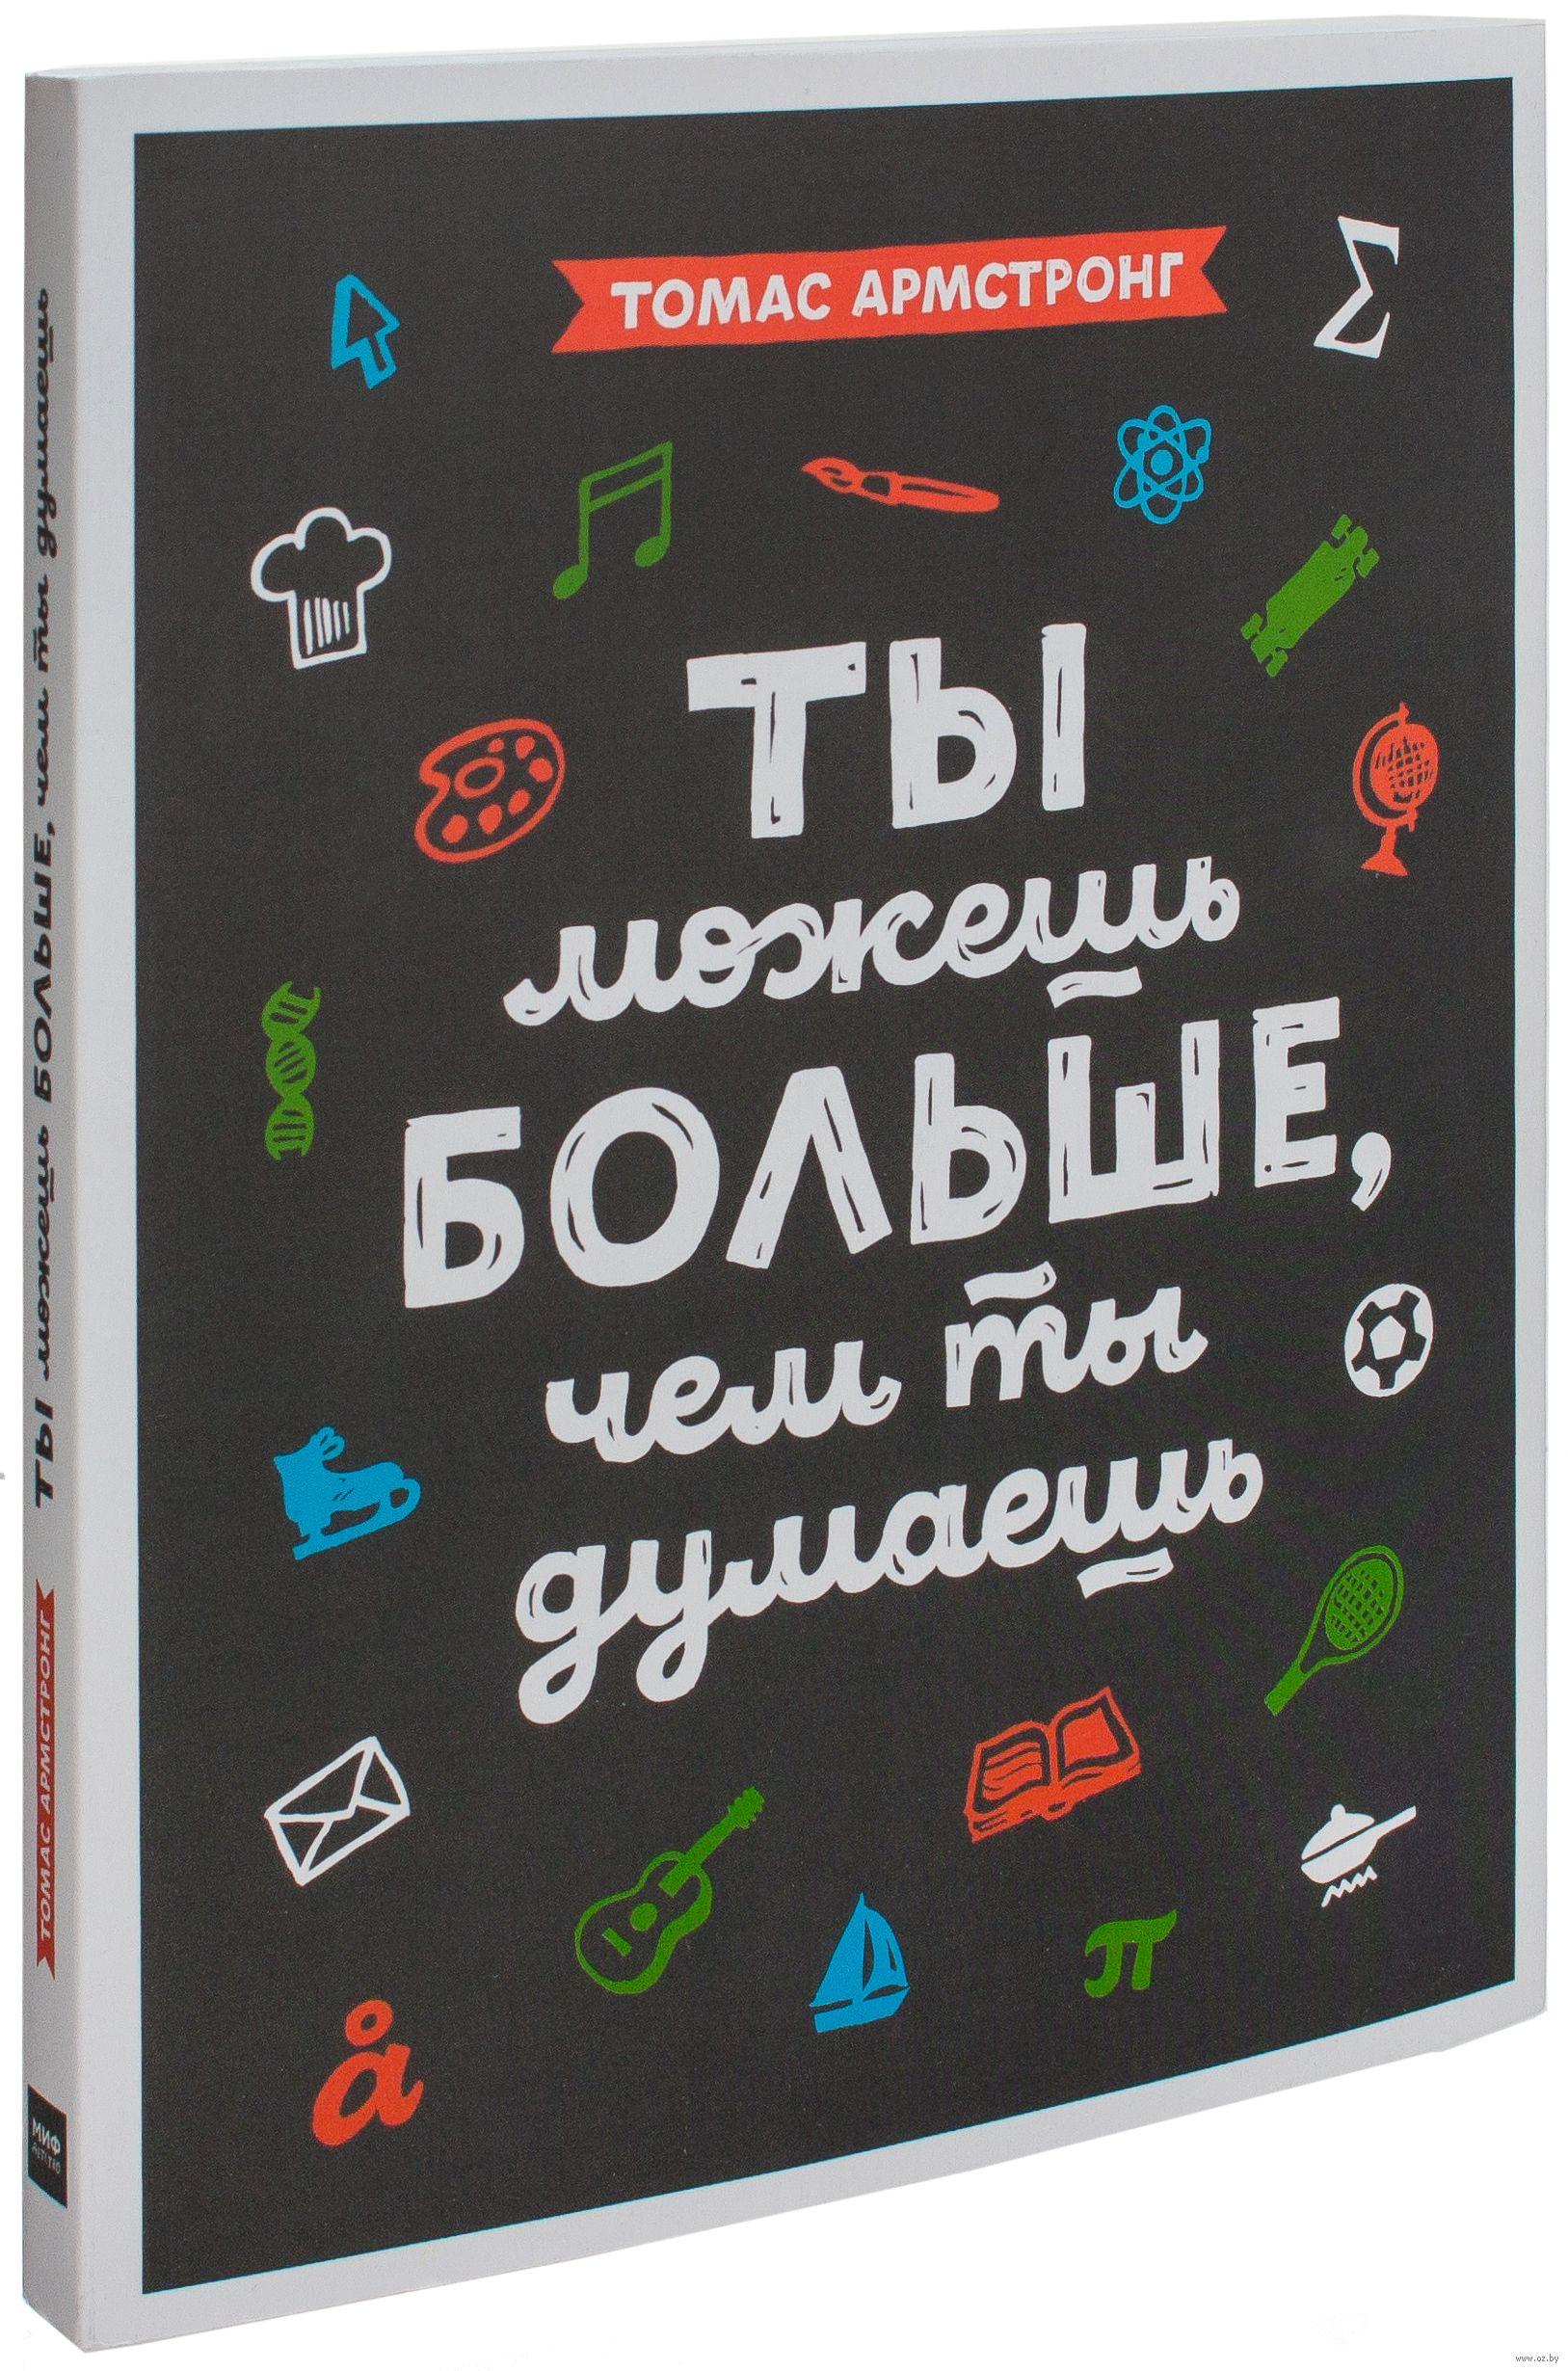 Ты можешь больше, чем ты думаешь» Томас Армстронг - купить книгу «Ты можешь больше, чем ты думаешь» в Минске — Издательство Манн, Иванов и Фербер на OZ.by